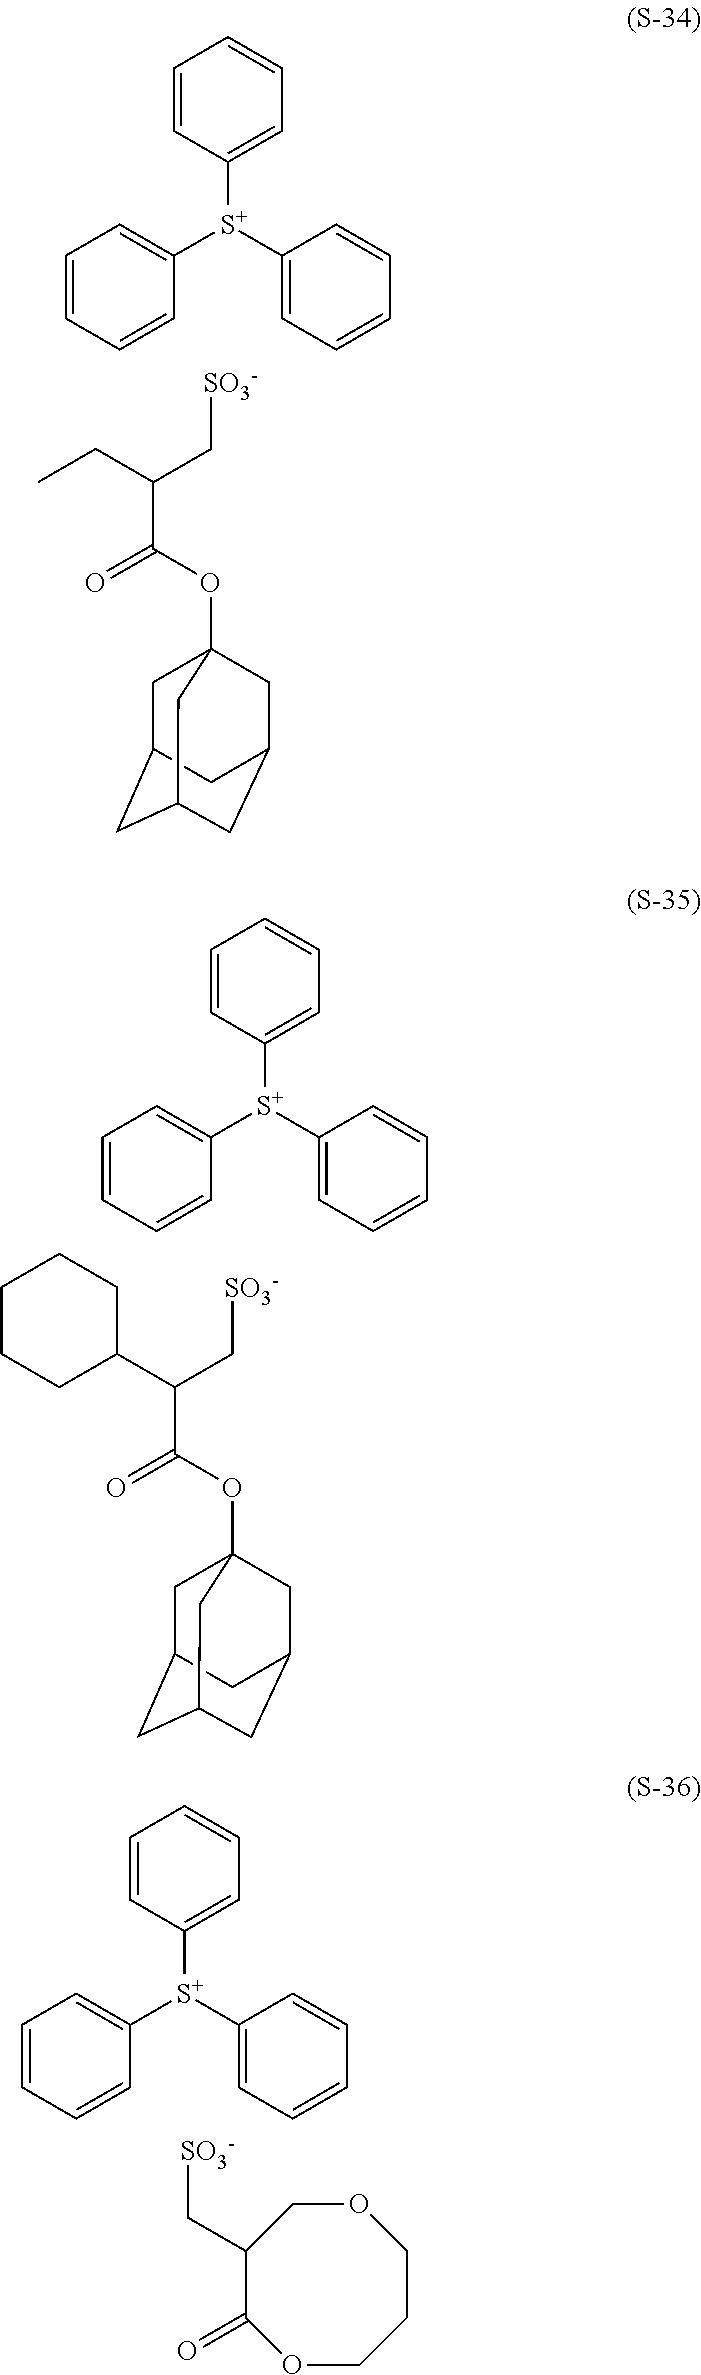 Figure US09477149-20161025-C00050